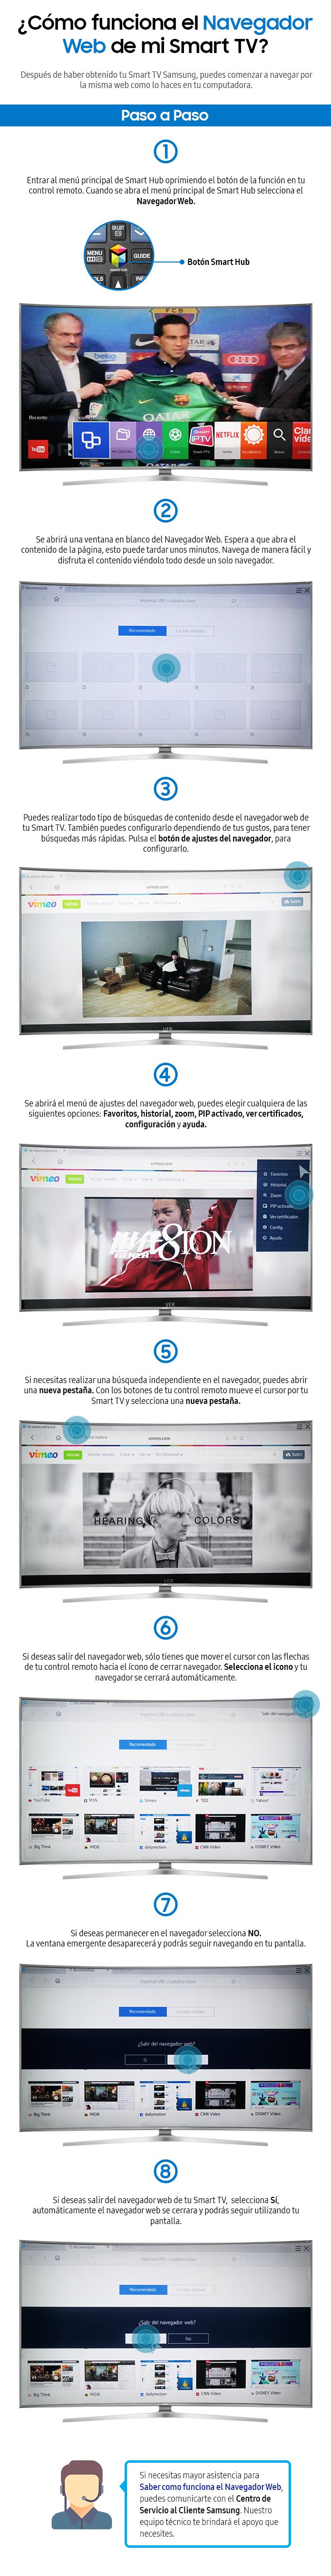 Cómo funciona el navegador web de mi smart tv